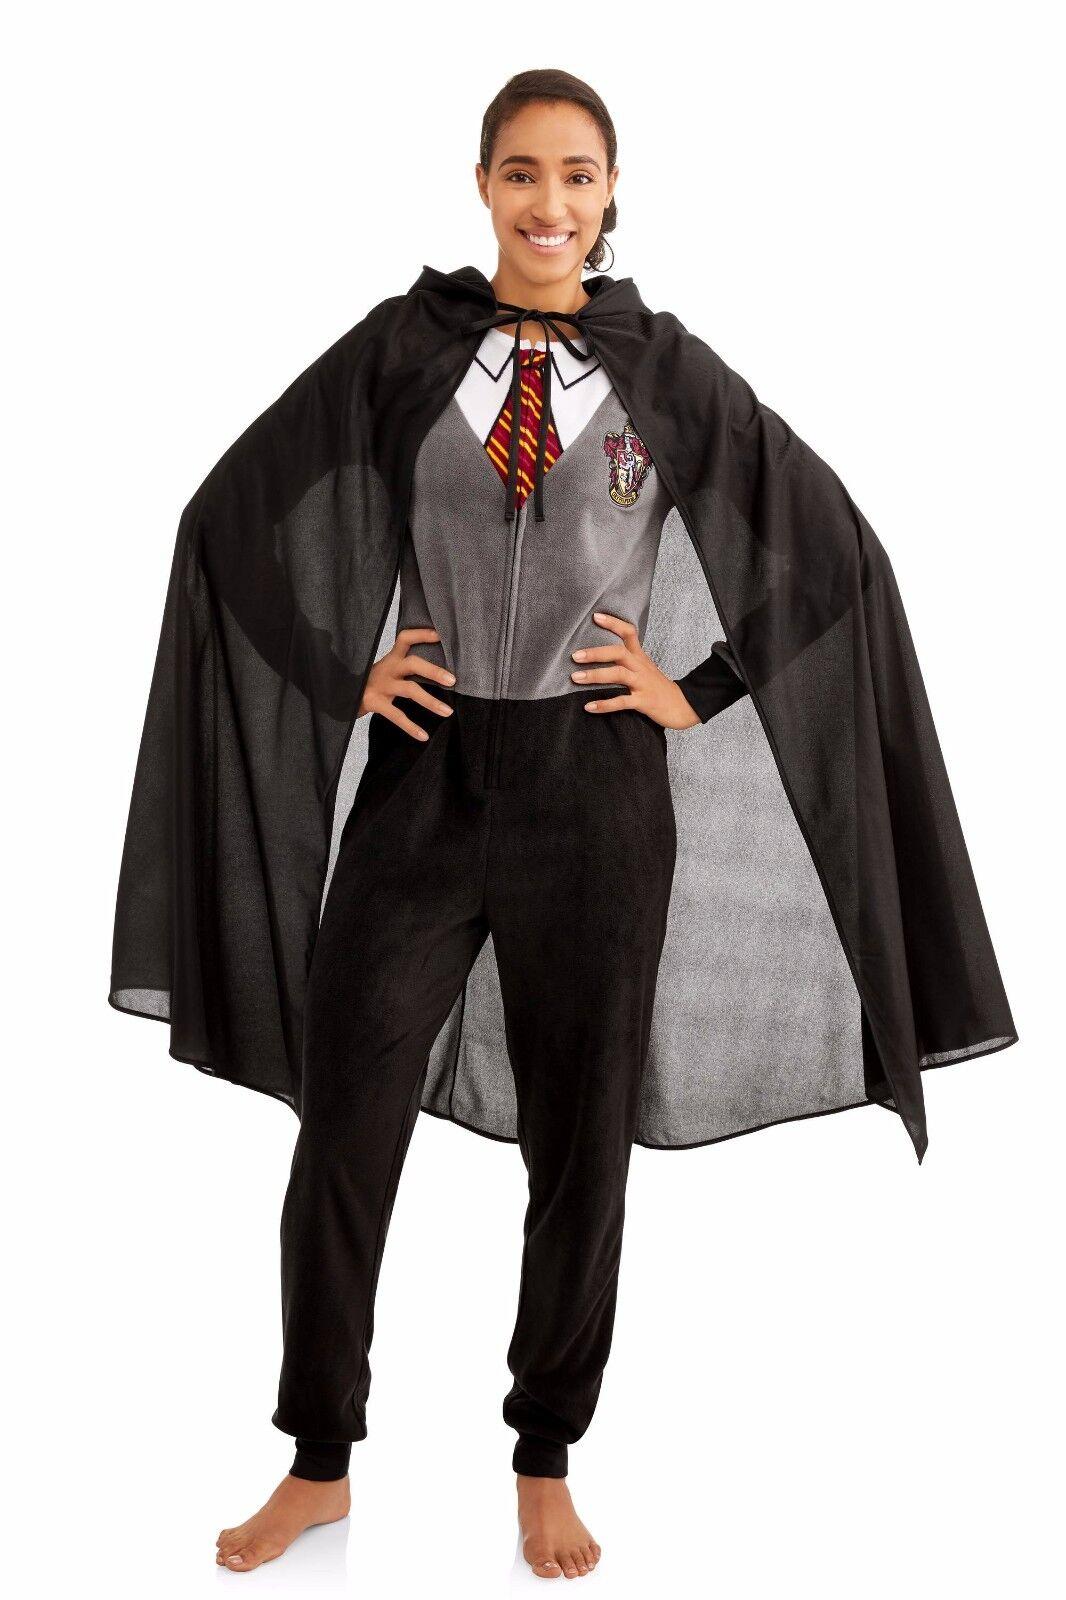 NEW Women Harry Potter Costume One Piece Pajamas Cape Union Suit XS S M L XL 2XL